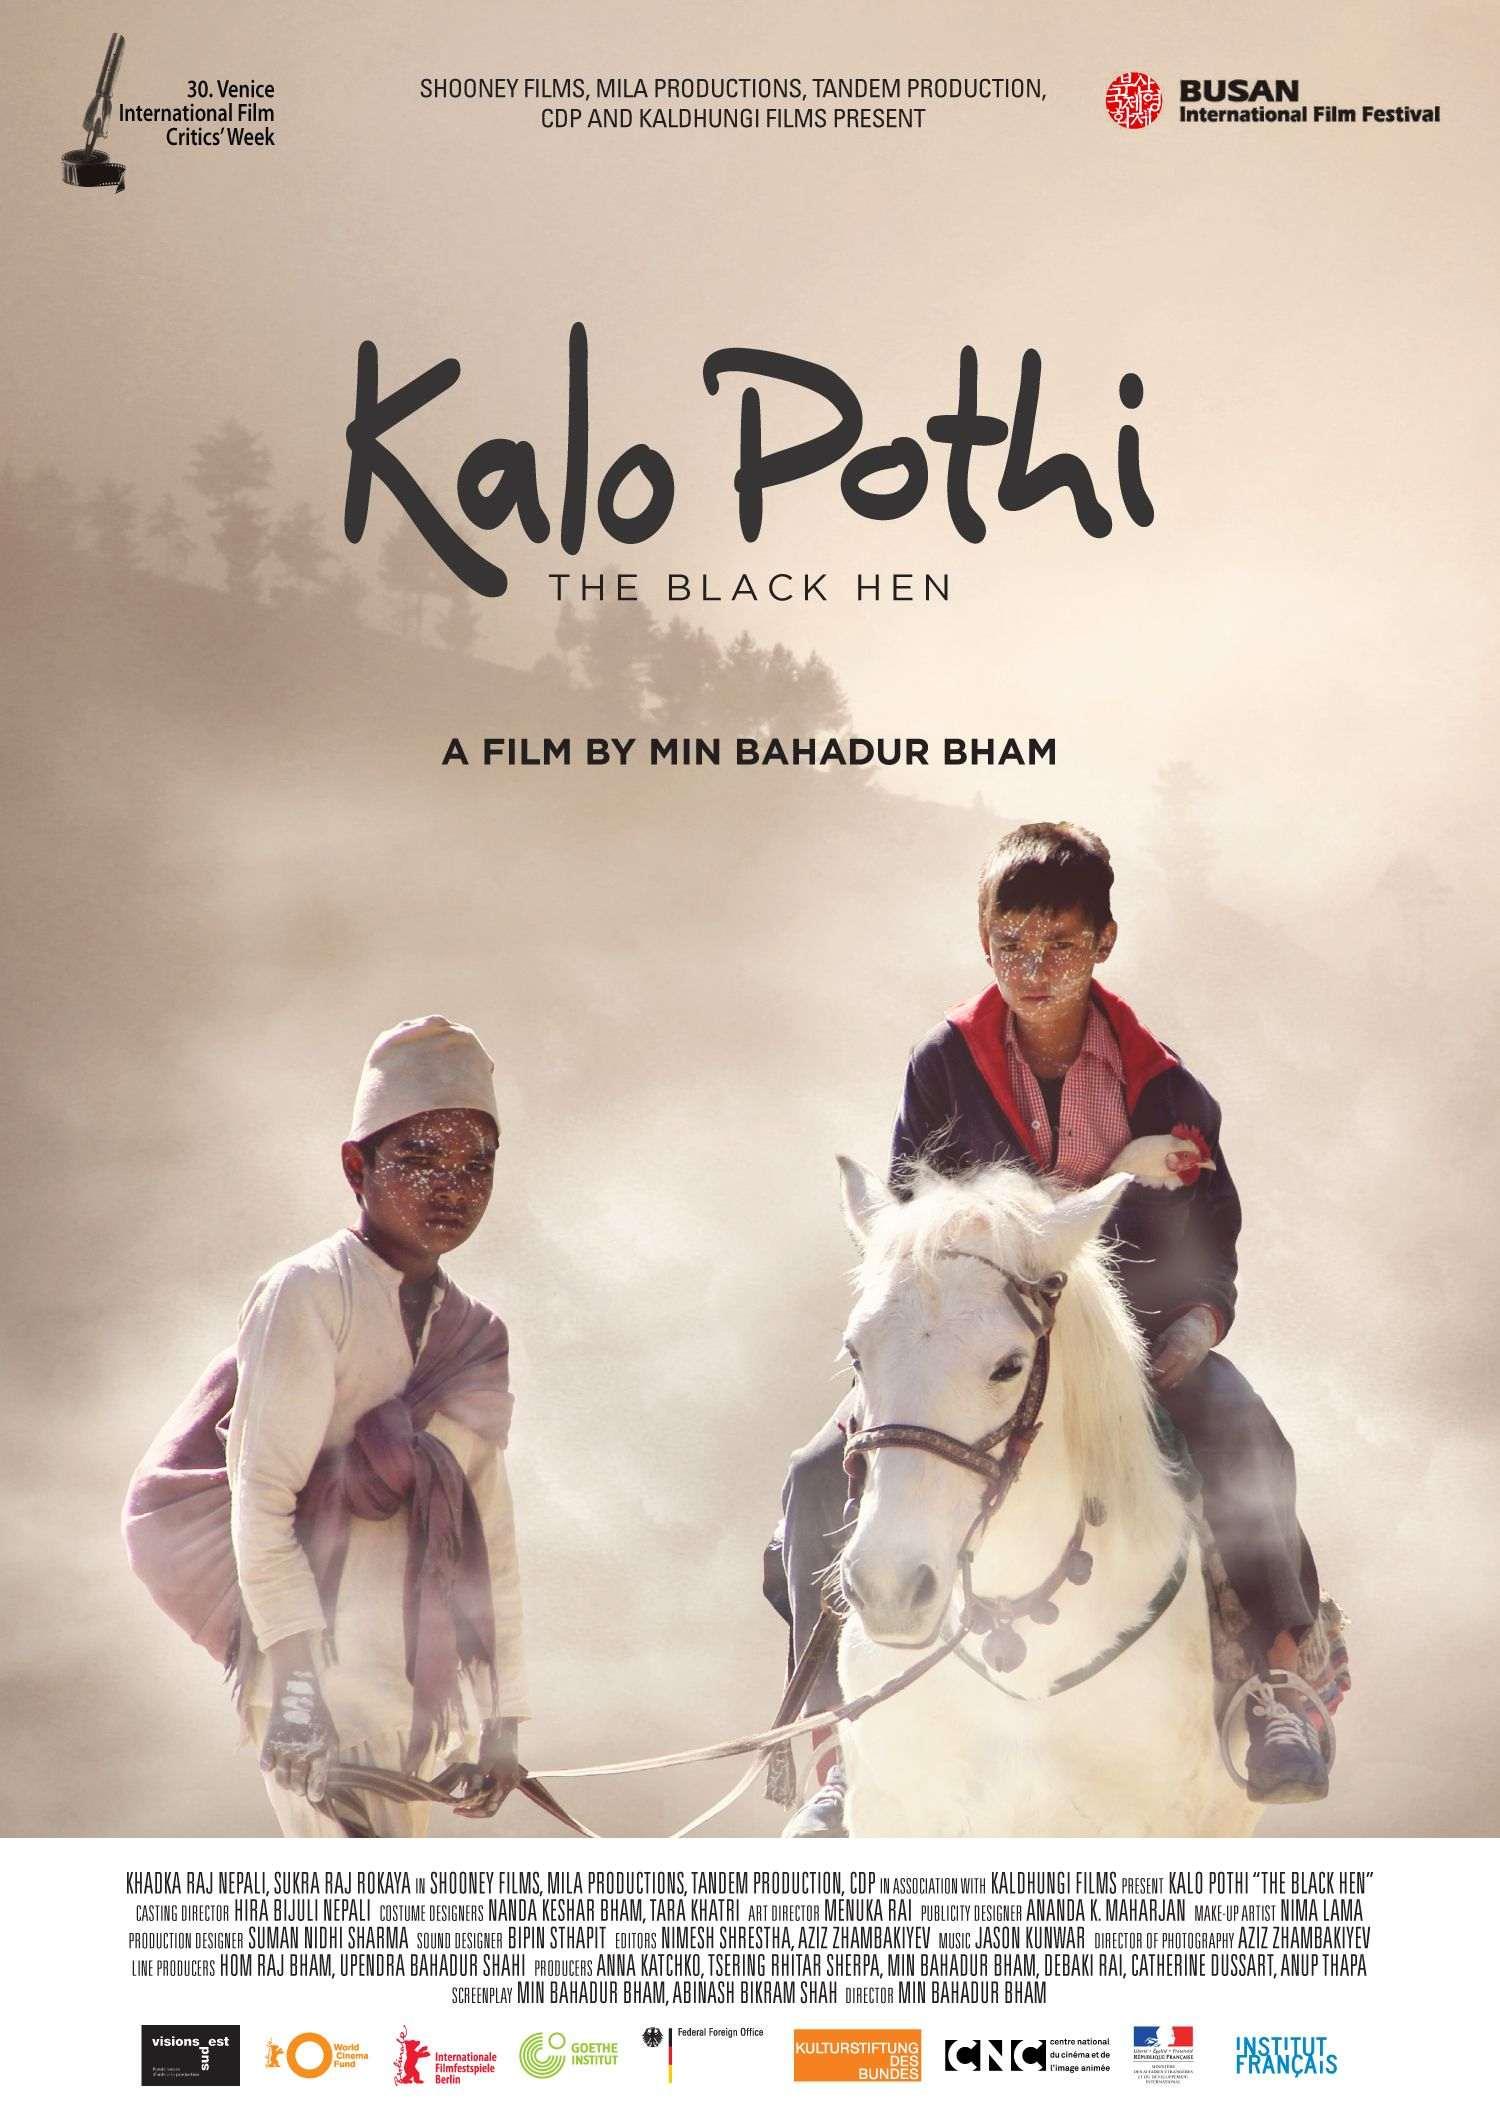 Kalo Pothi movie poster